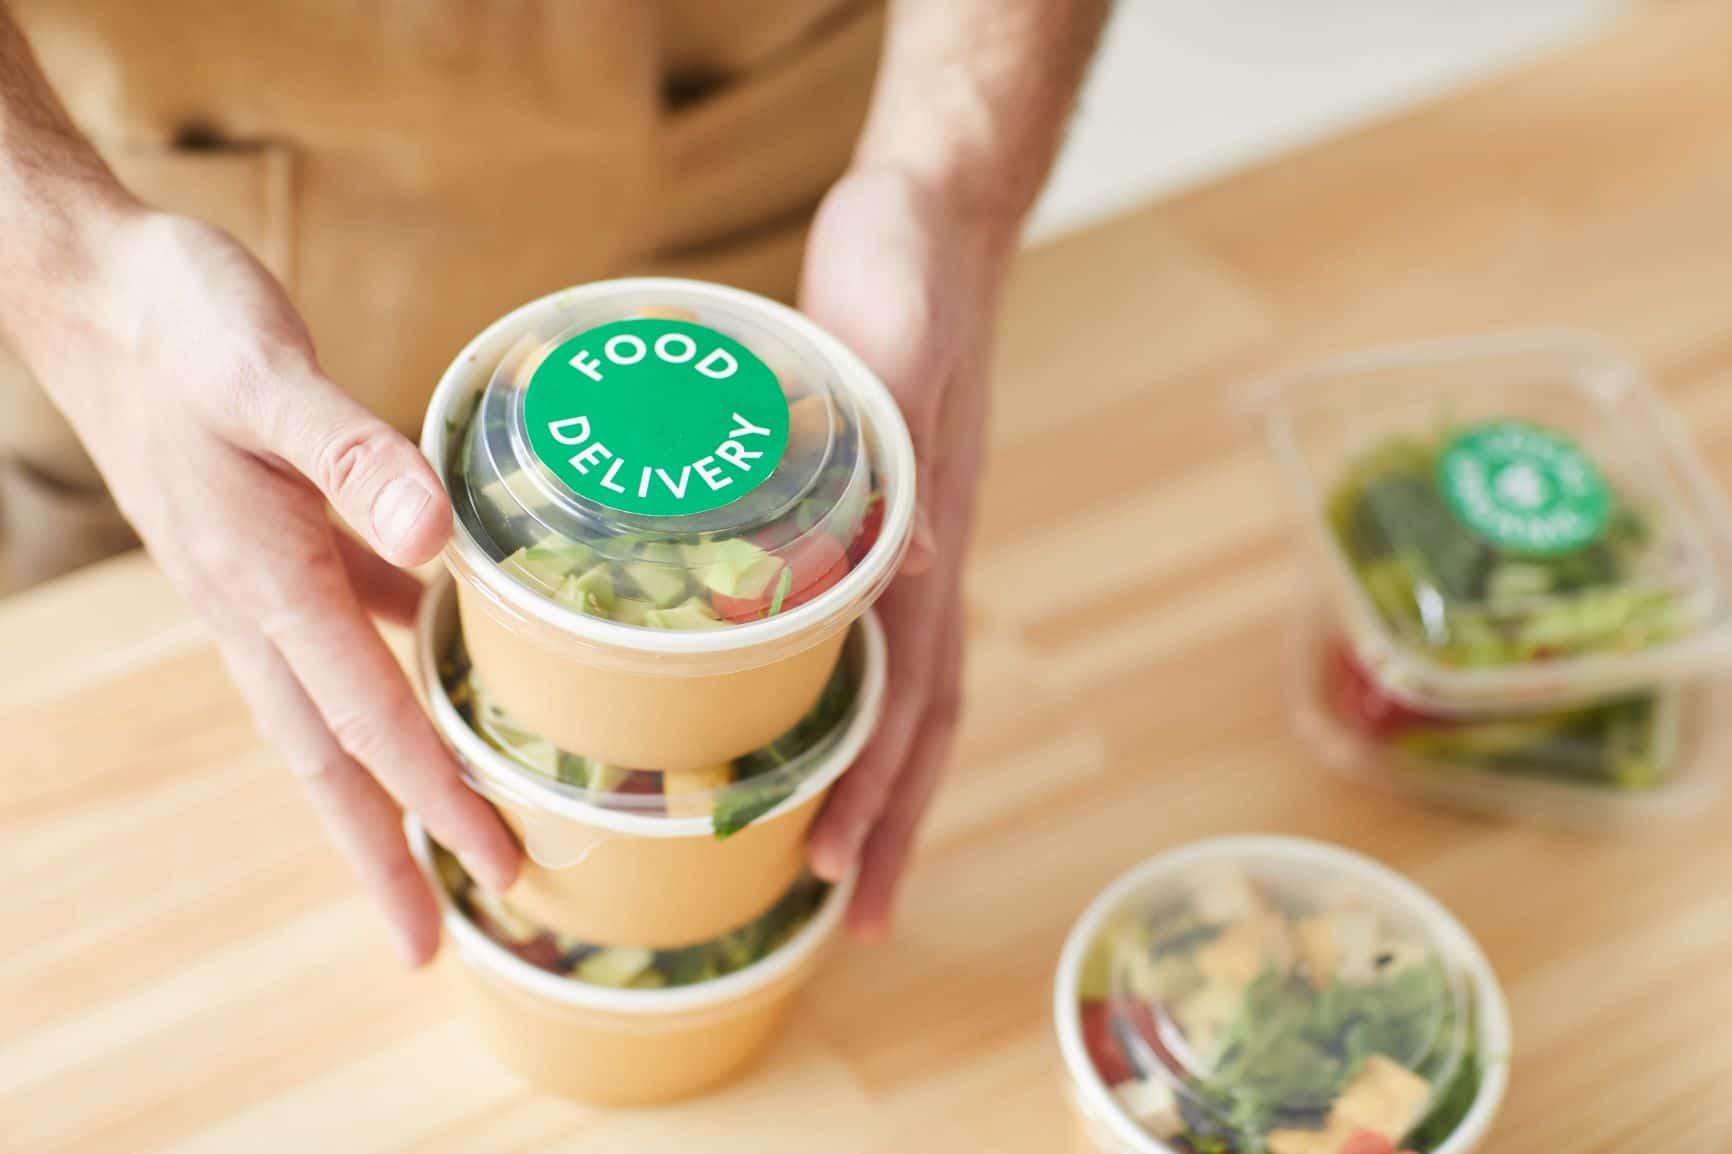 Magalu anuncia duas novas aquisições para ampliar o delivery de alimentos